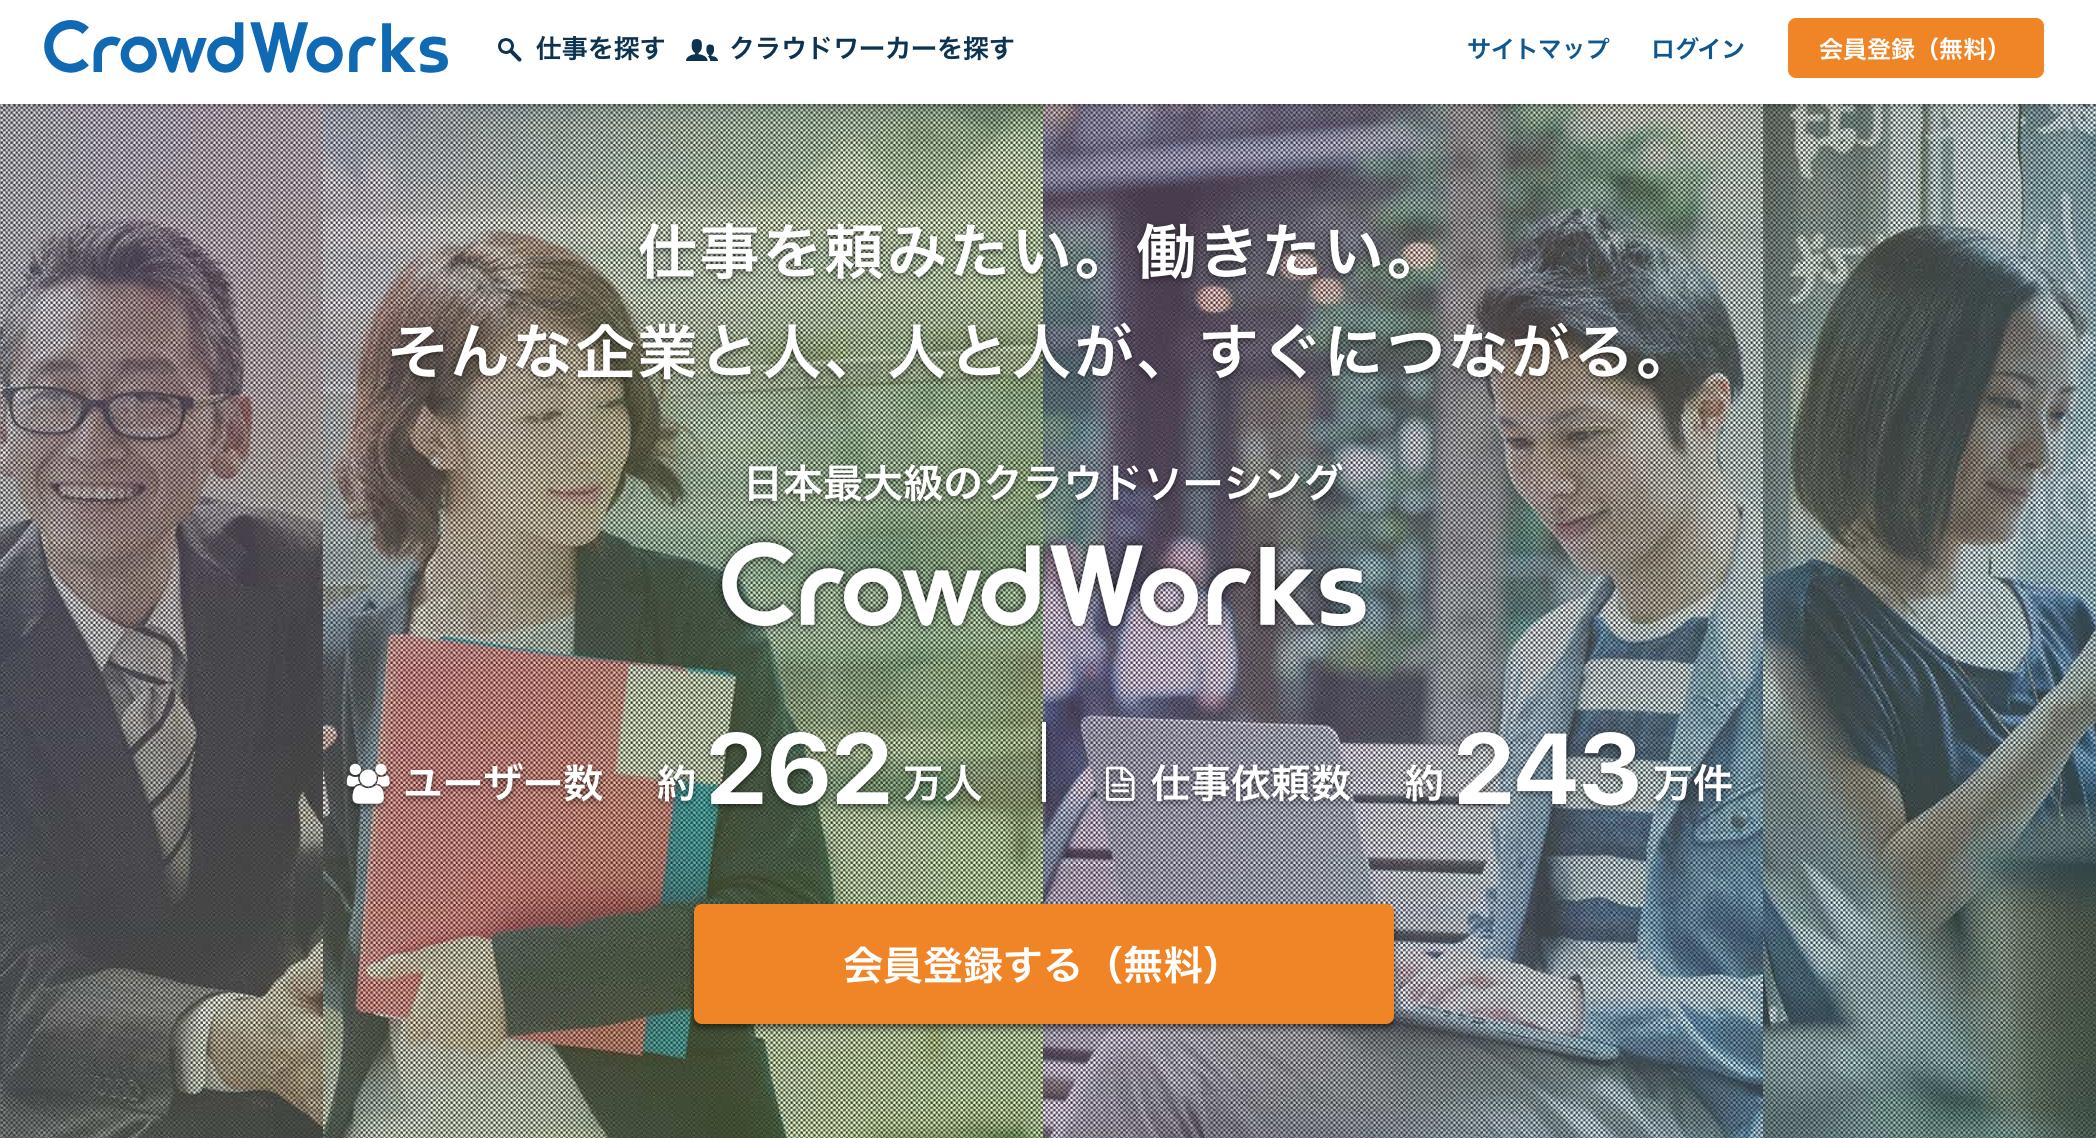 crowdworks 副業